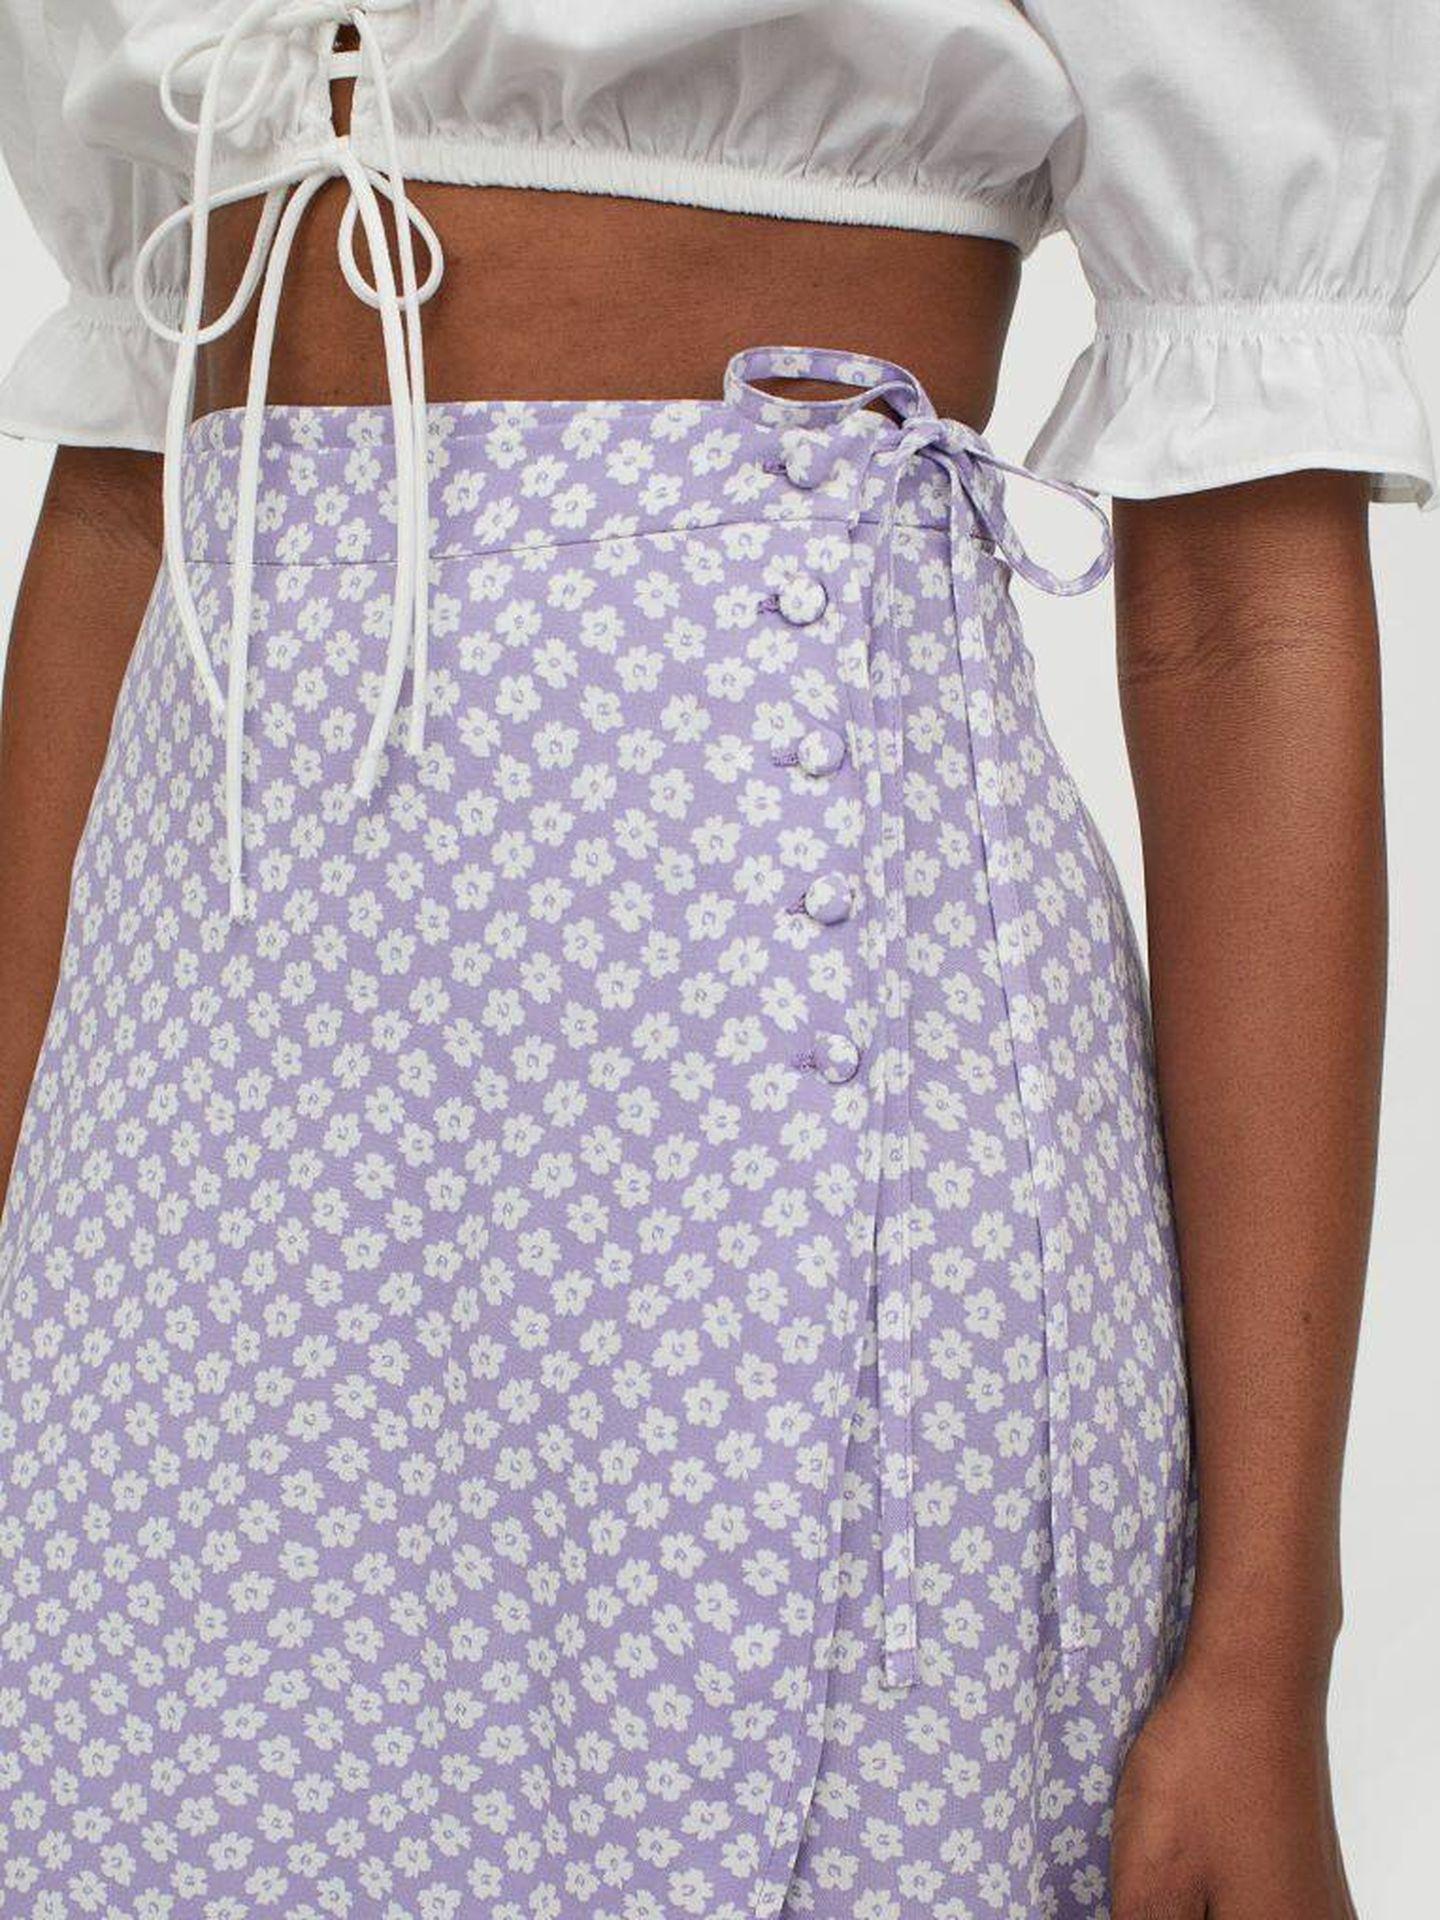 La falda pareo de HyM, asequible y fit. (Cortesía)